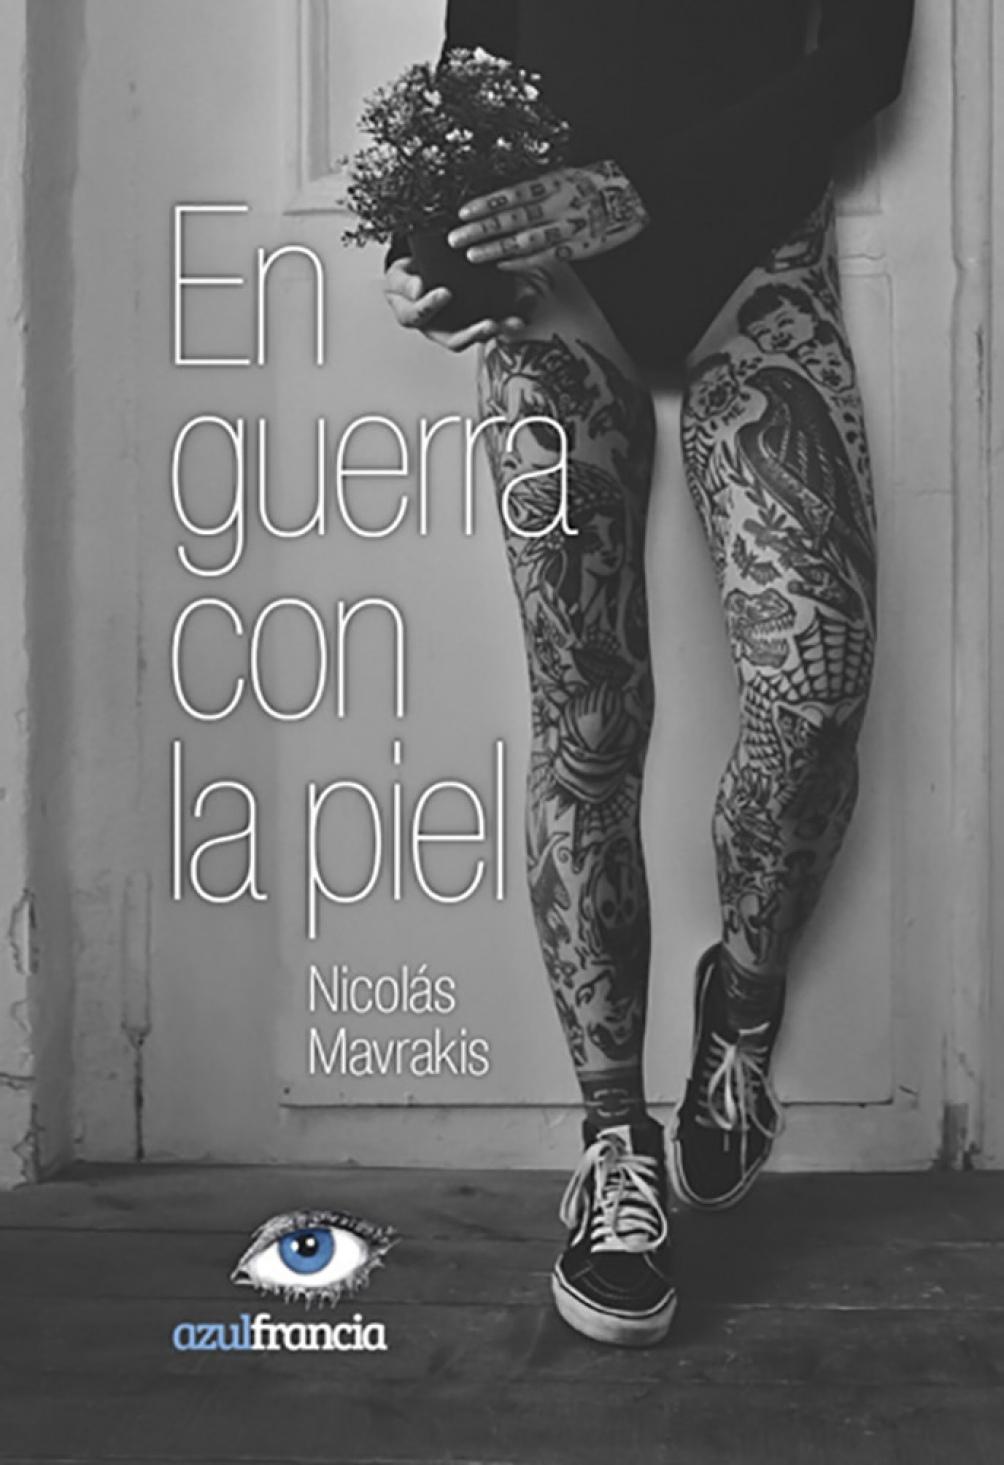 """La portada del nuevo libro """"En guerra con la piel""""."""